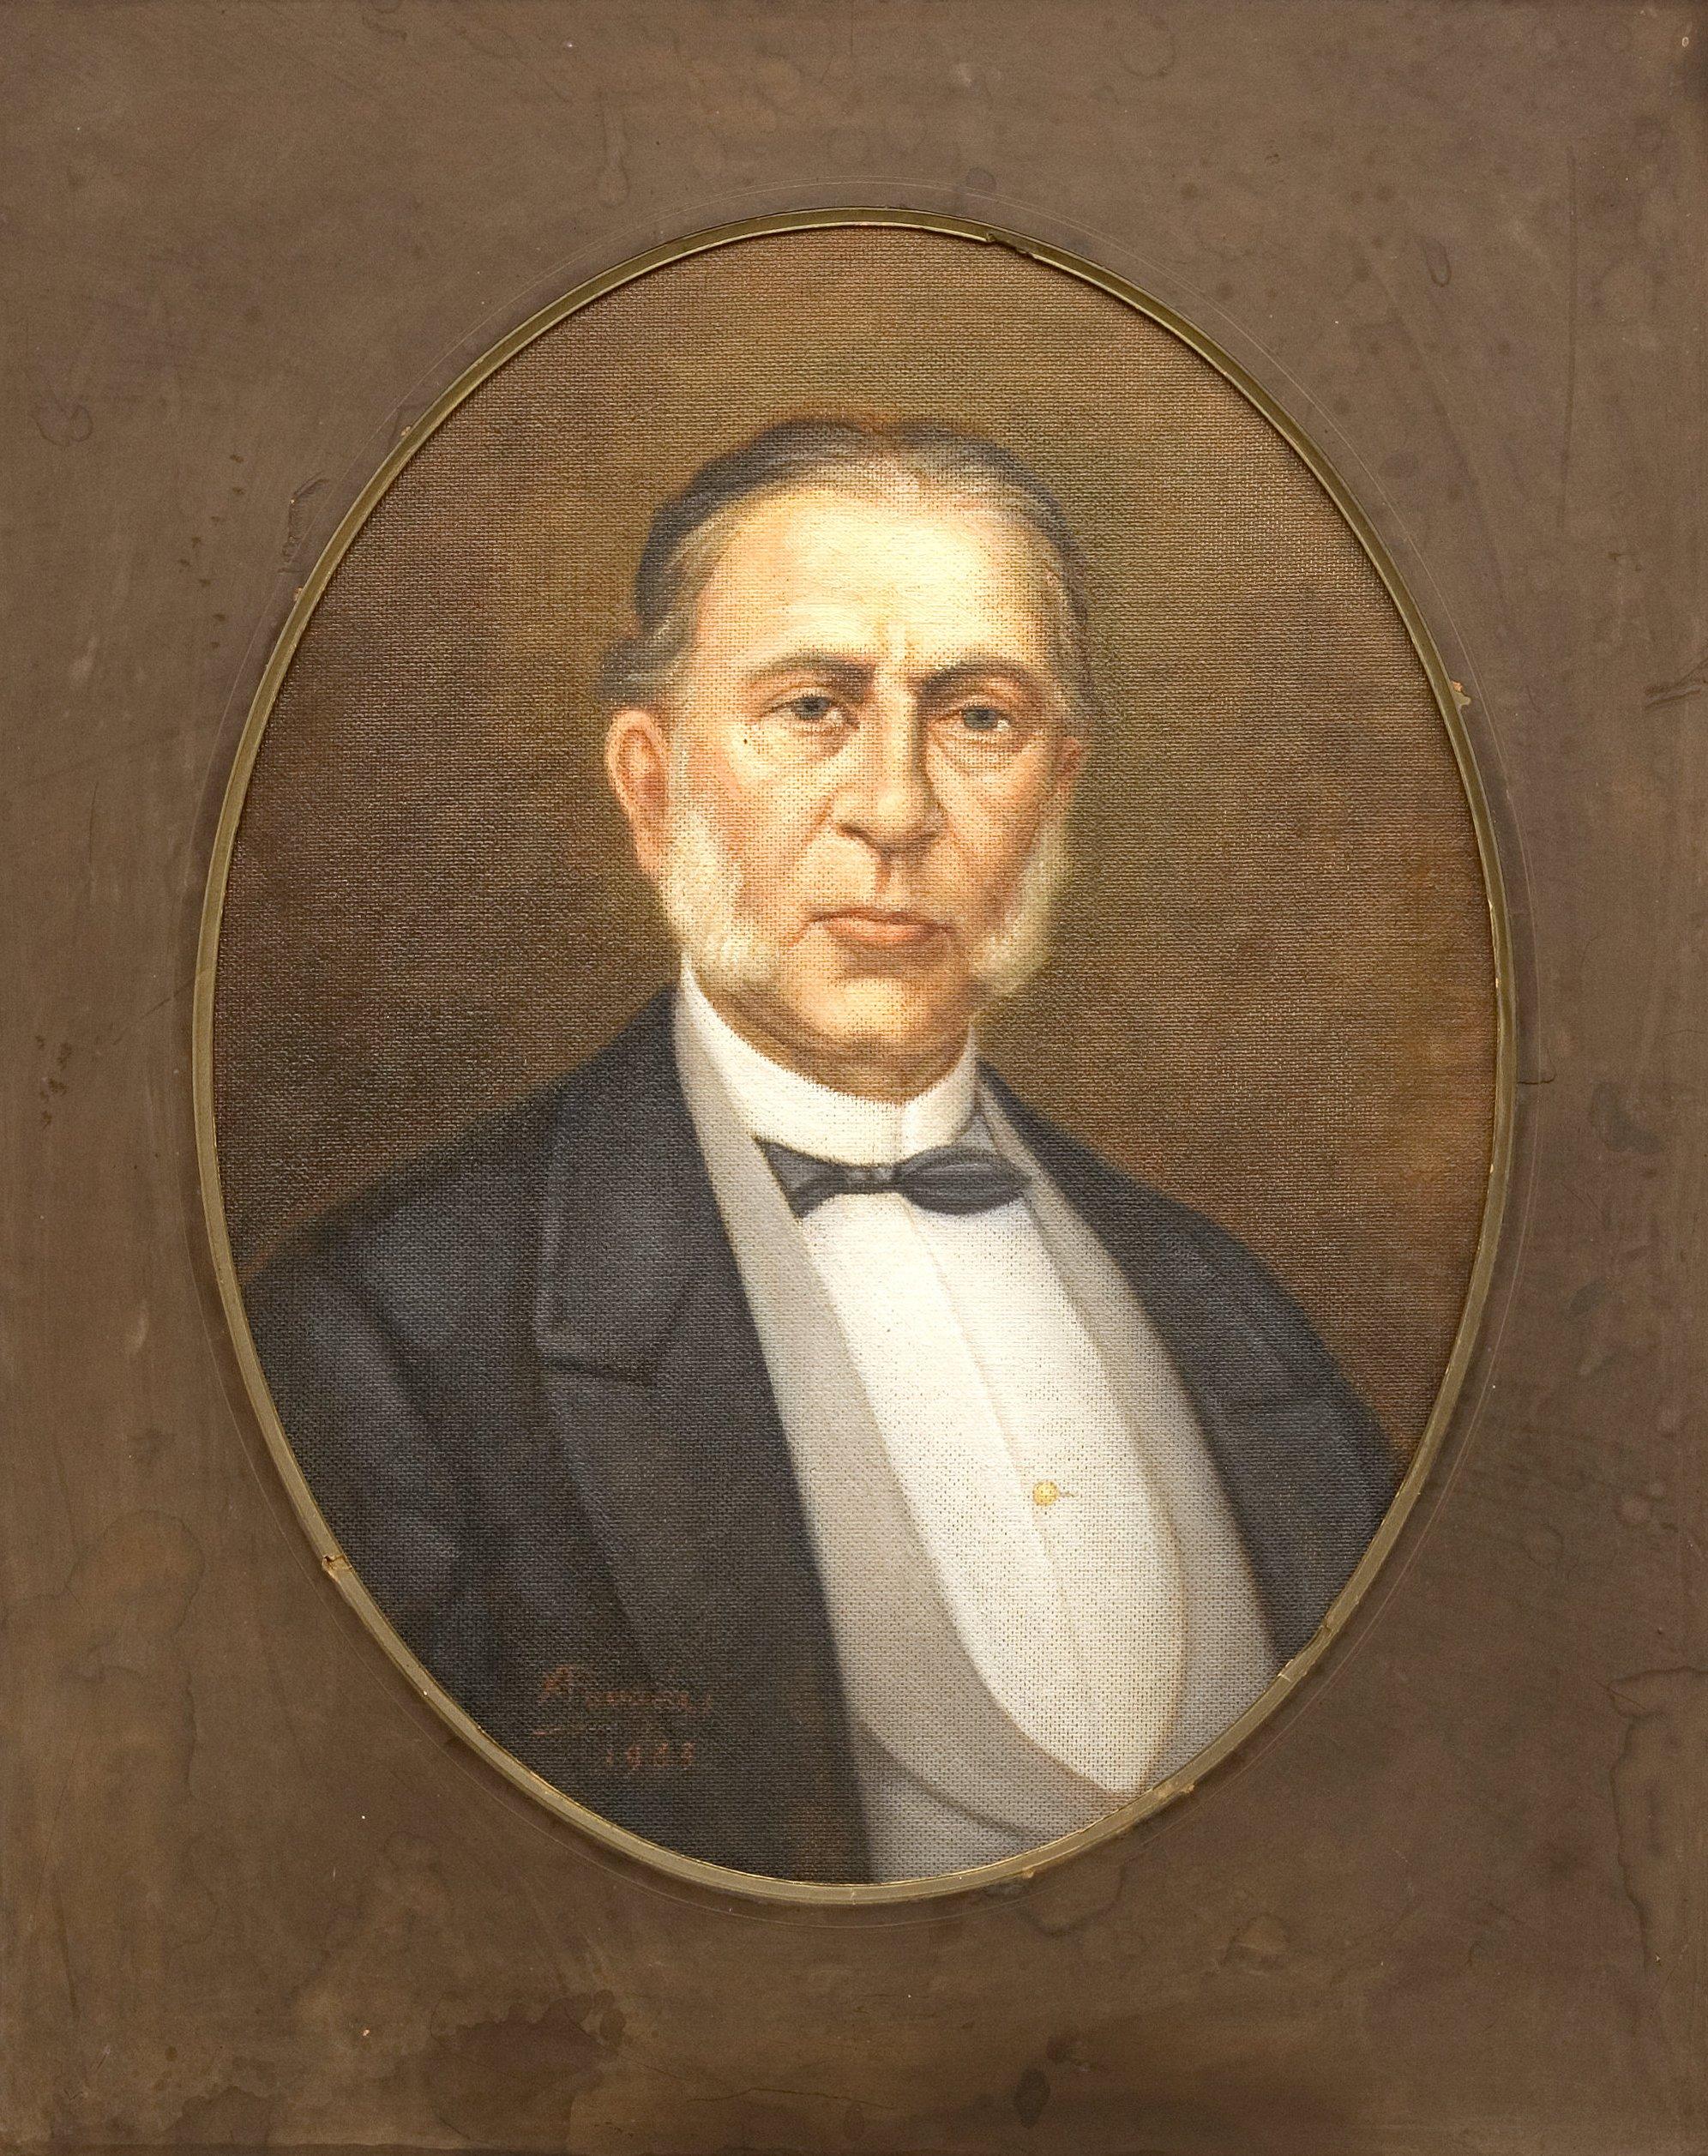 Προσωπογραφία Δημητρίου Σολωμού